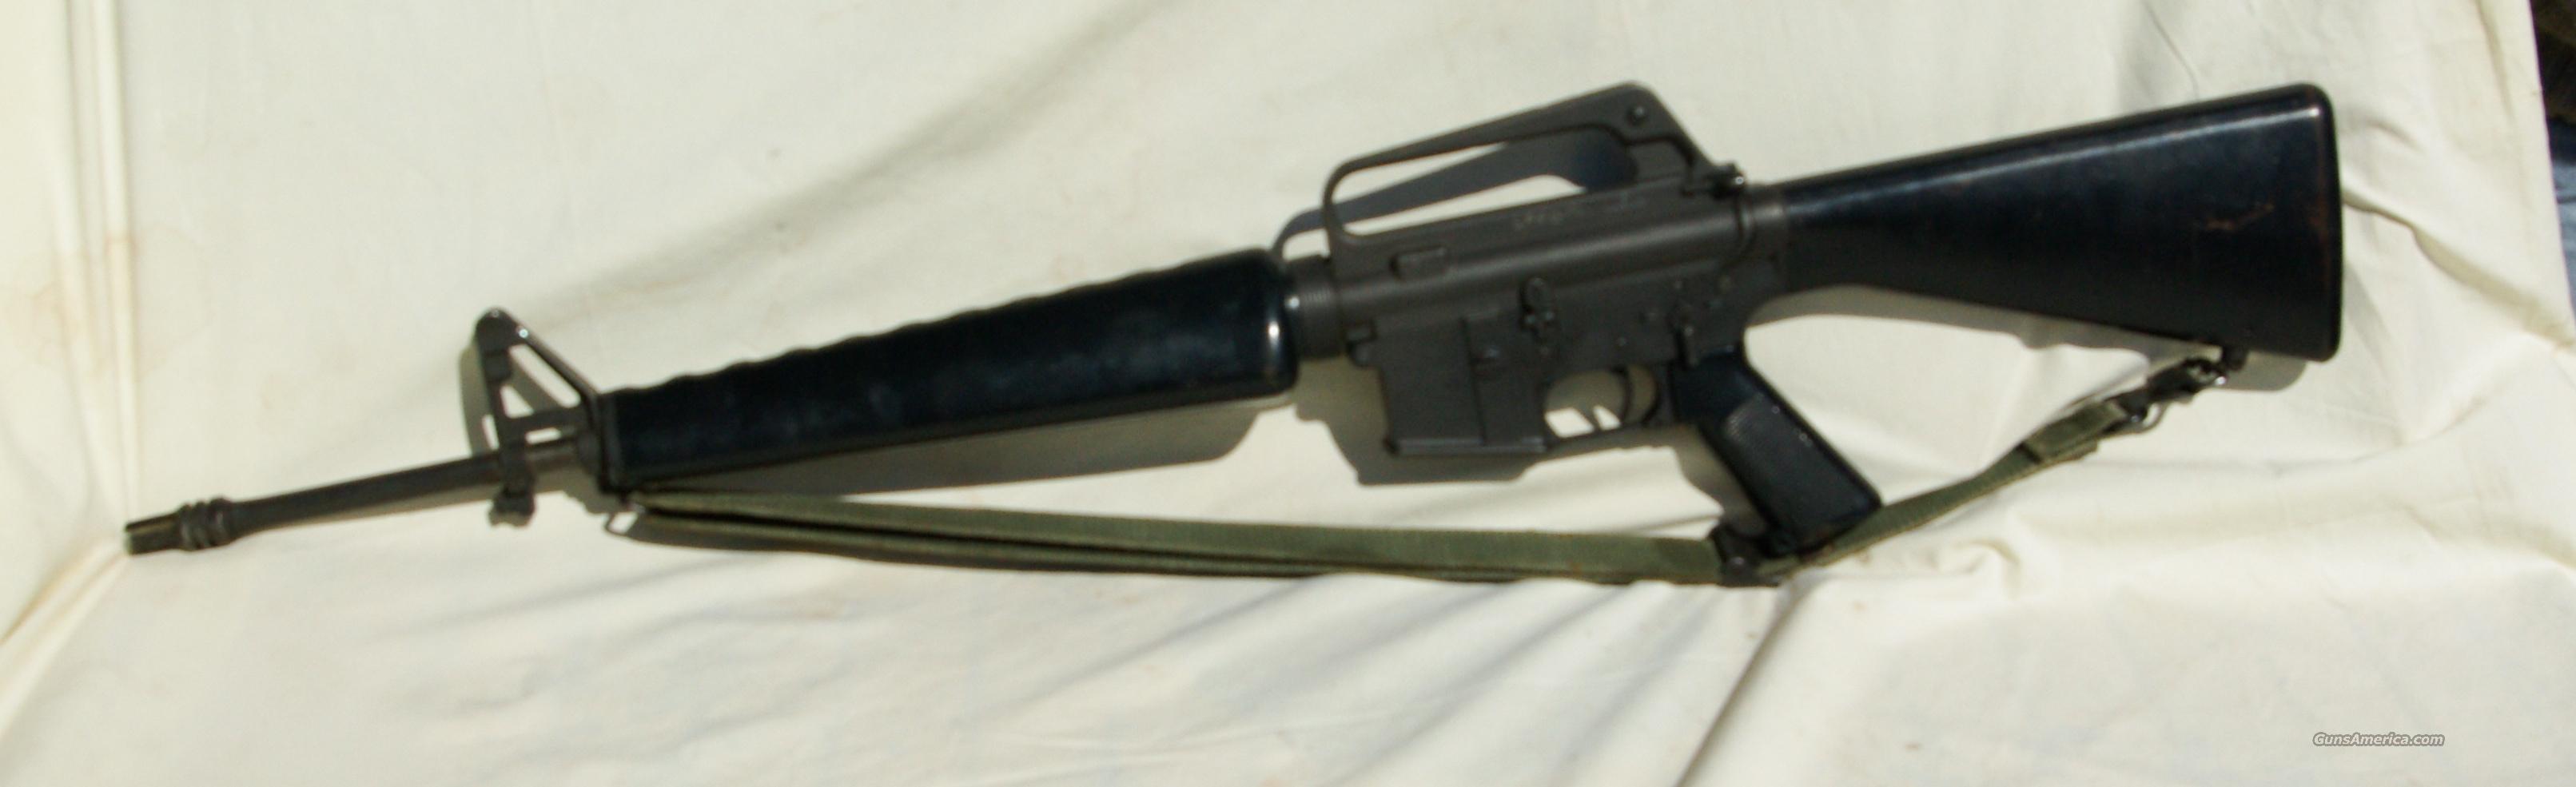 AR 15, Armalite ar-15, Colt AR 15, ar 15 accessories, AR ...